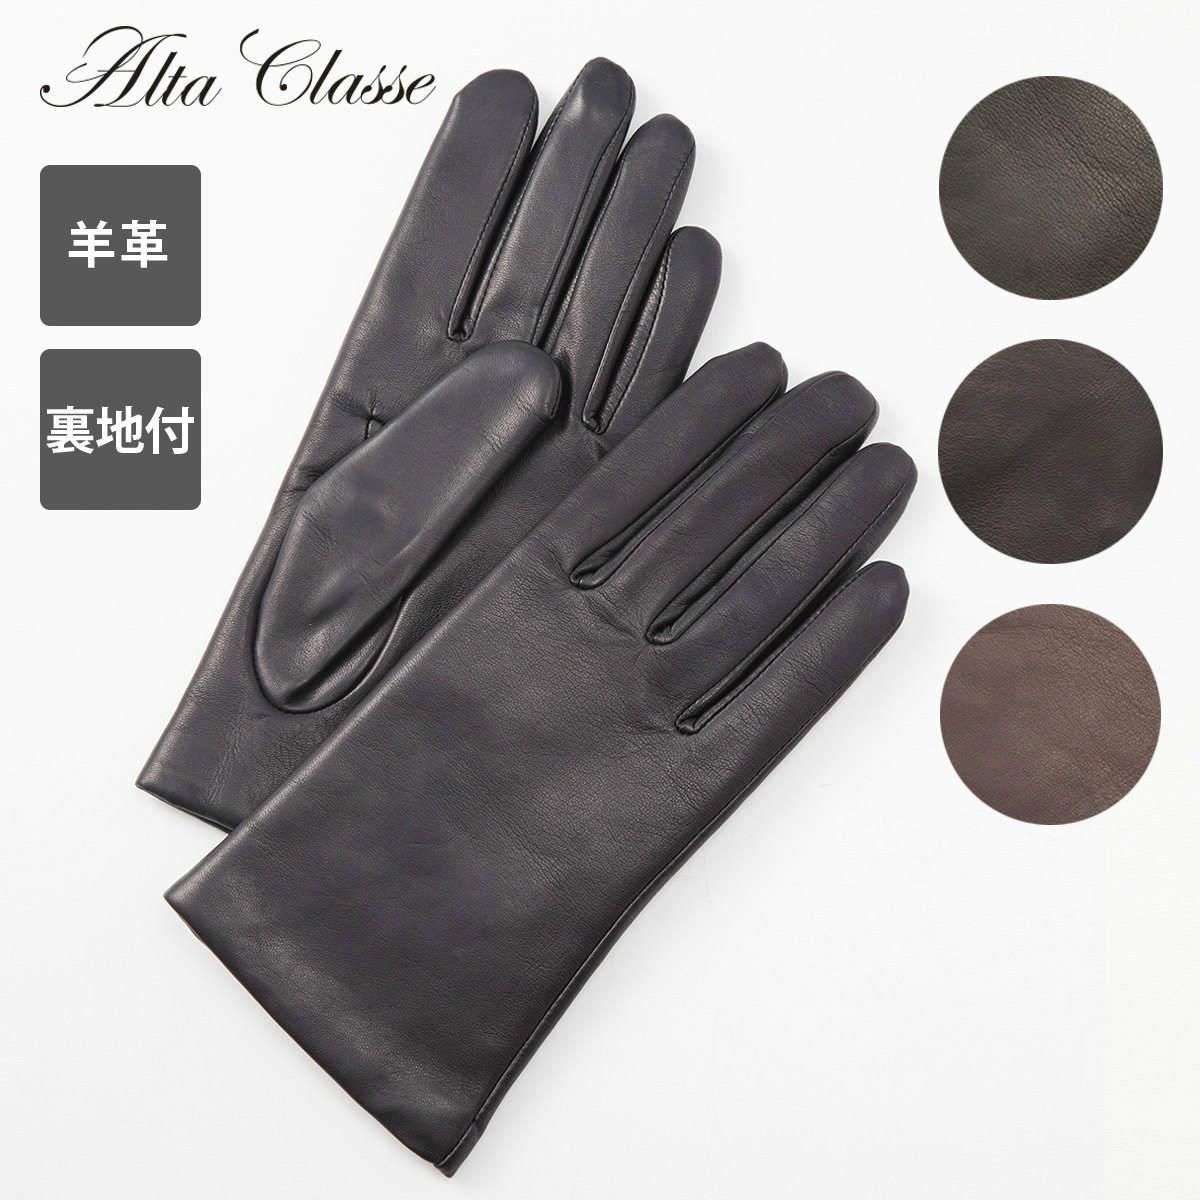 【キャッシュレス還元】 【 送料無料 】 アルタクラッセ カプリガンティ 日本製 あったかニット裏地 メンズ 男性用 本革手袋 | 革手袋 てぶくろ ギフト プレゼント 全3色 23cm(SM)